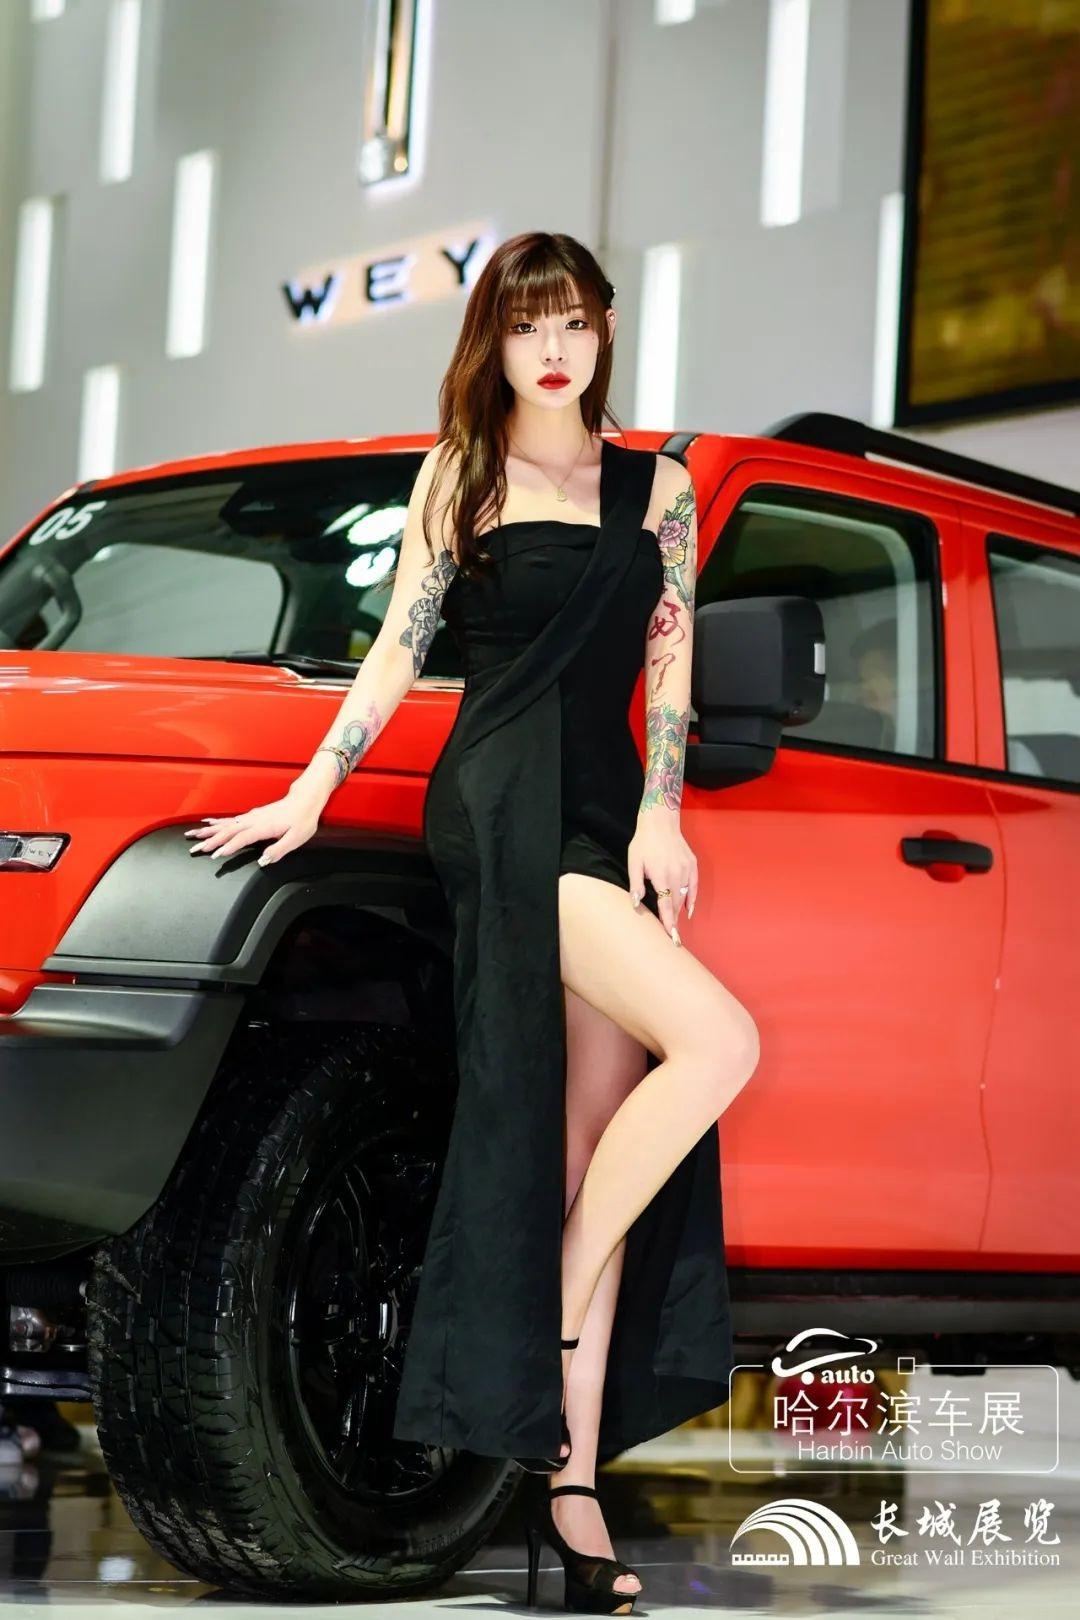 哈尔滨春季车展模特拍摄活动